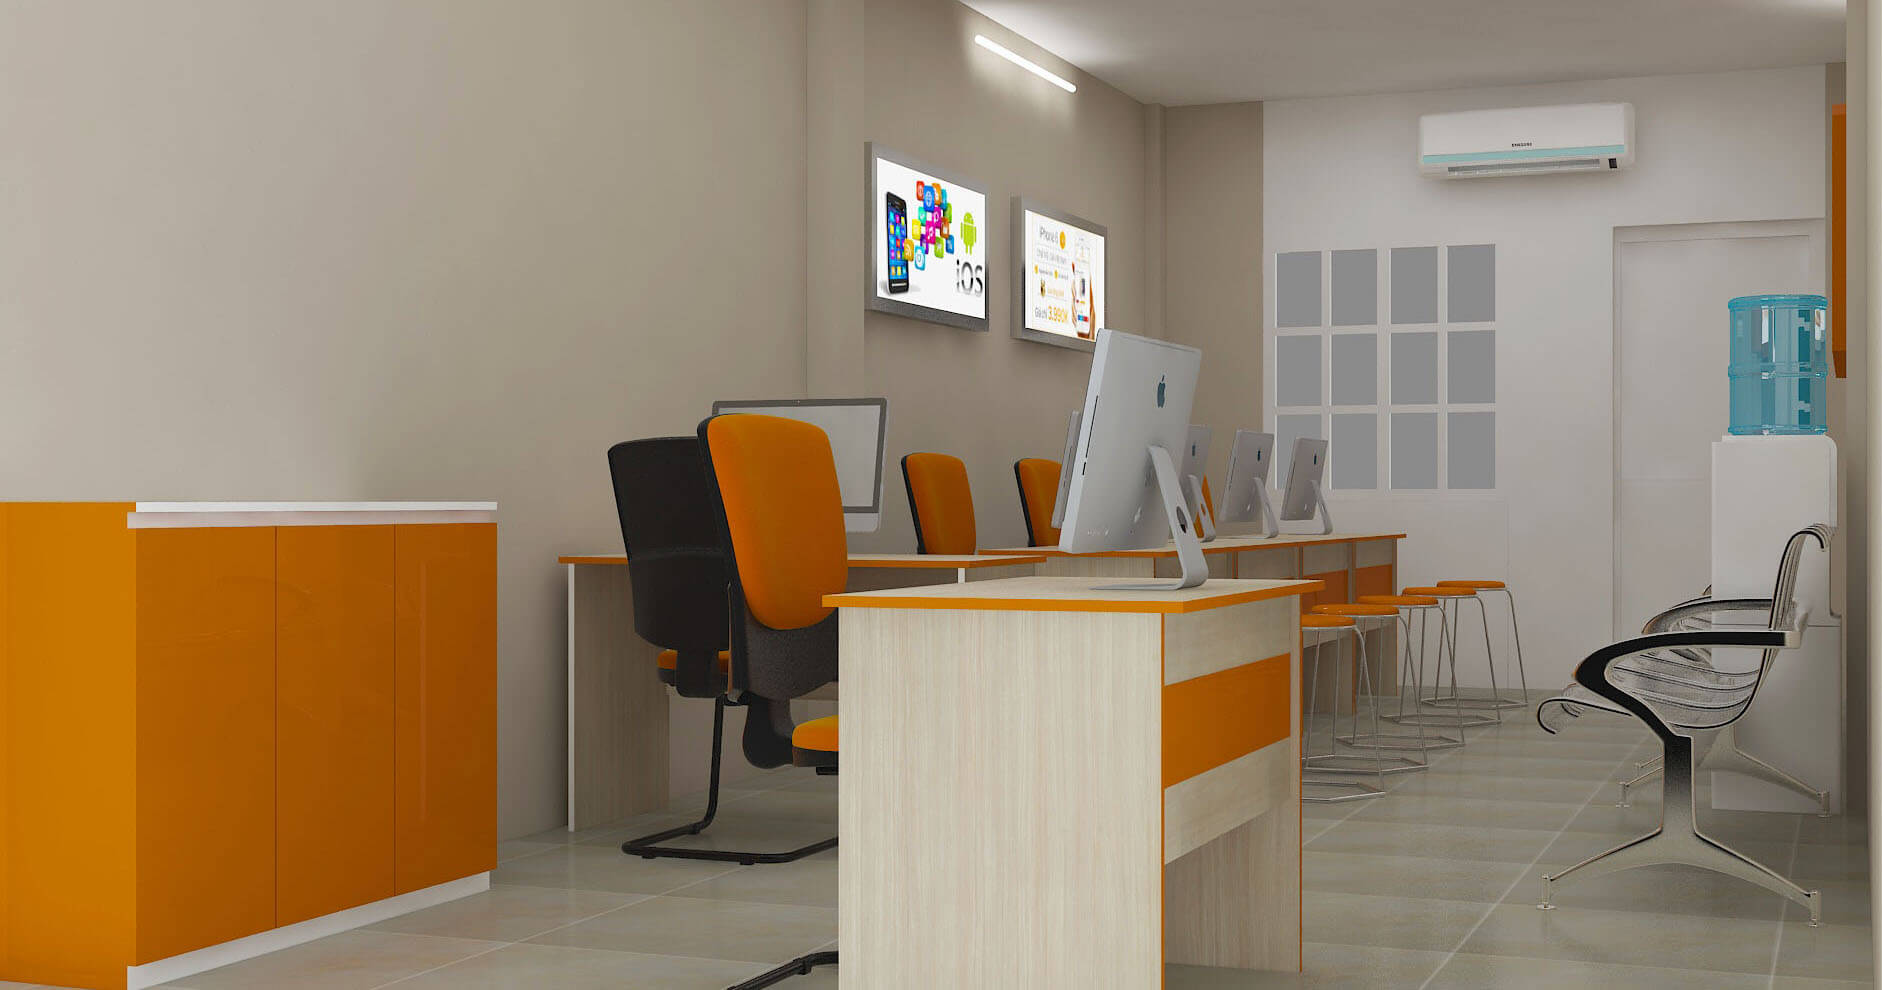 Kết hợp giữa tông gỗ và màu cam truyền thống của công ty